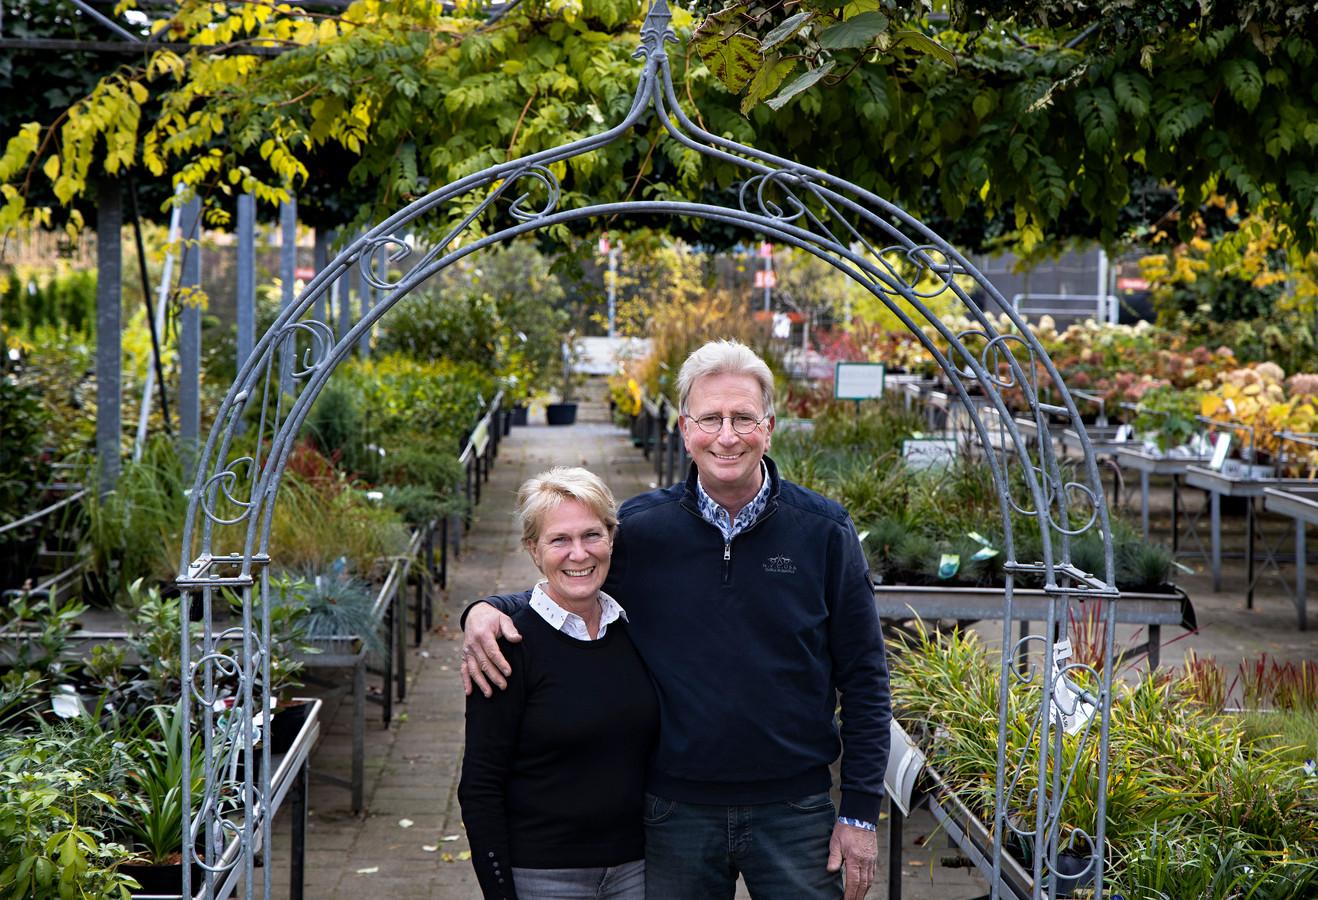 Peter van Gennip met zijn vrouw Anja in het tuincentrum aan de Medevoort in Helmond.